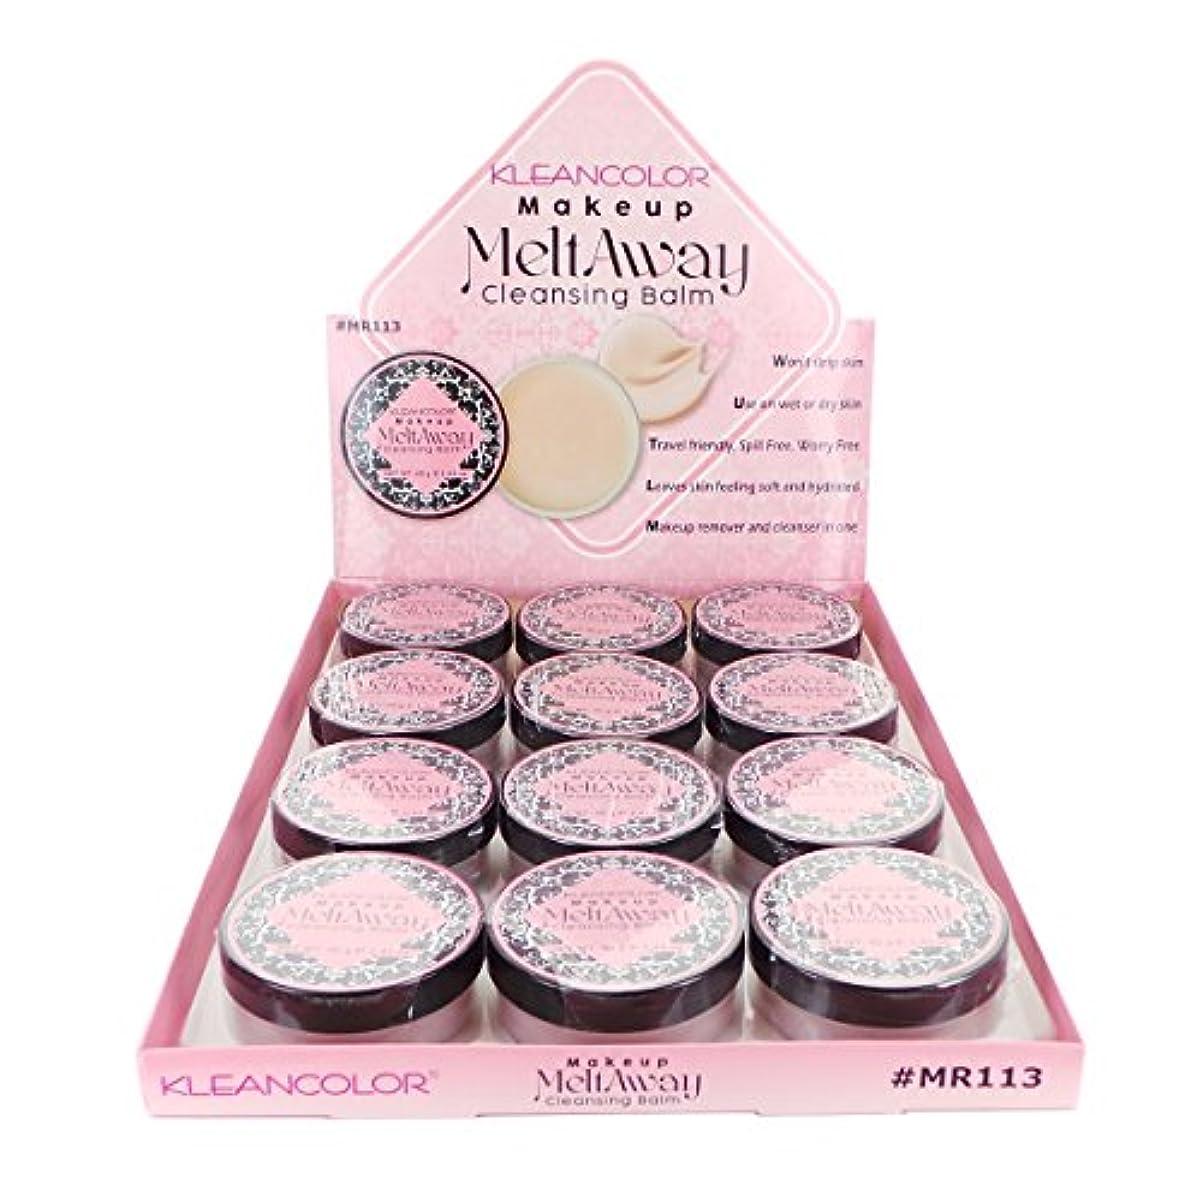 有効微生物コミットメントKLEANCOLOR Makeup Meltaway Cleansing Balm Display Set, 12 Pieces (並行輸入品)